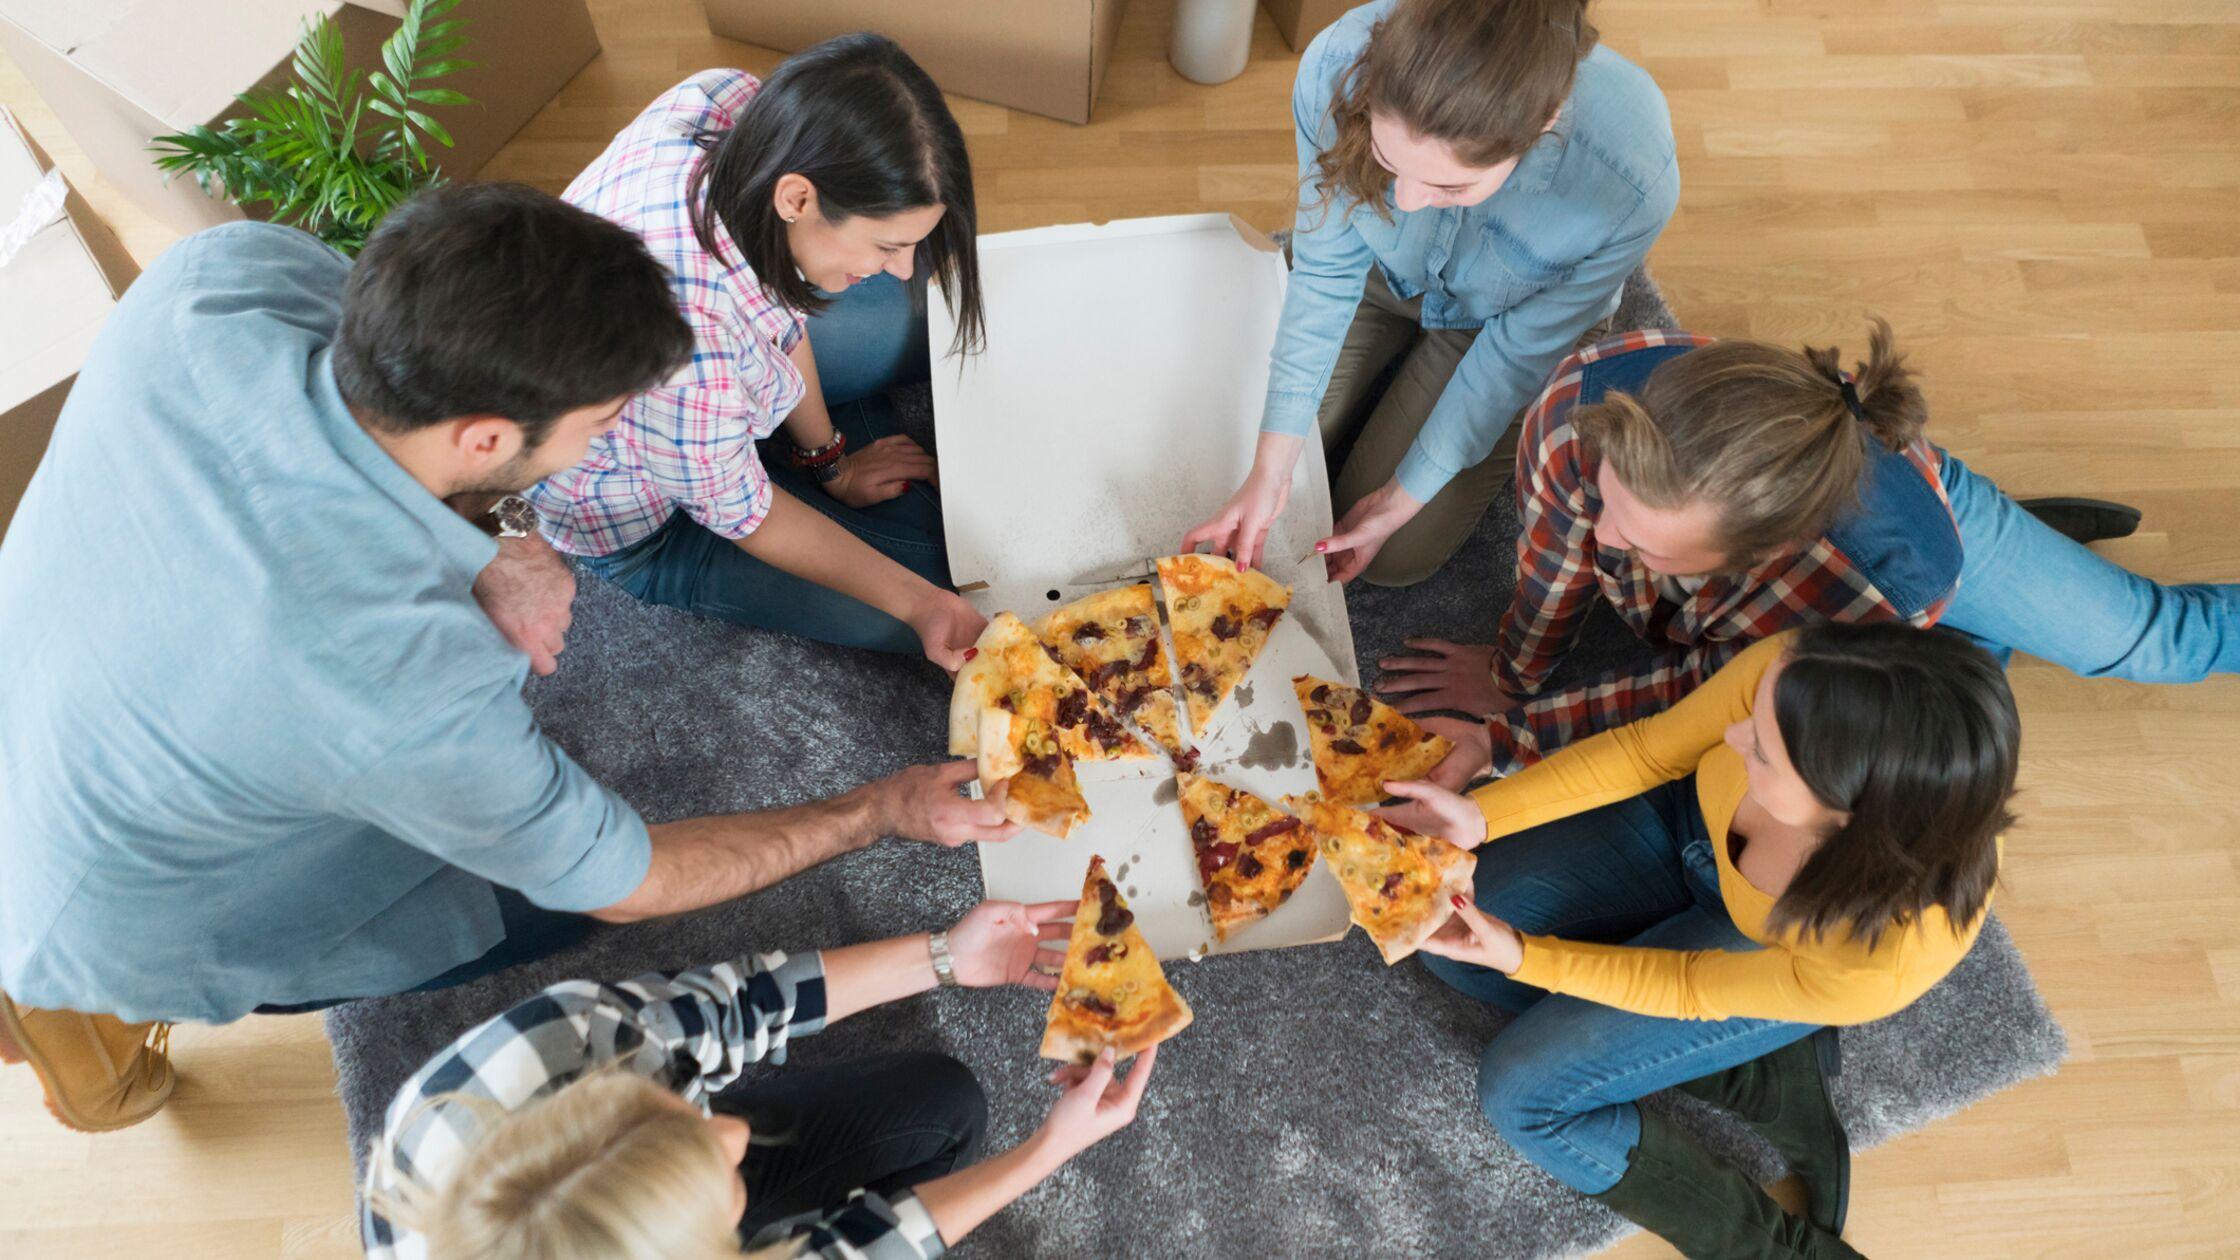 Essen für Umzugshelfer: Verpflegung für den großen Tag